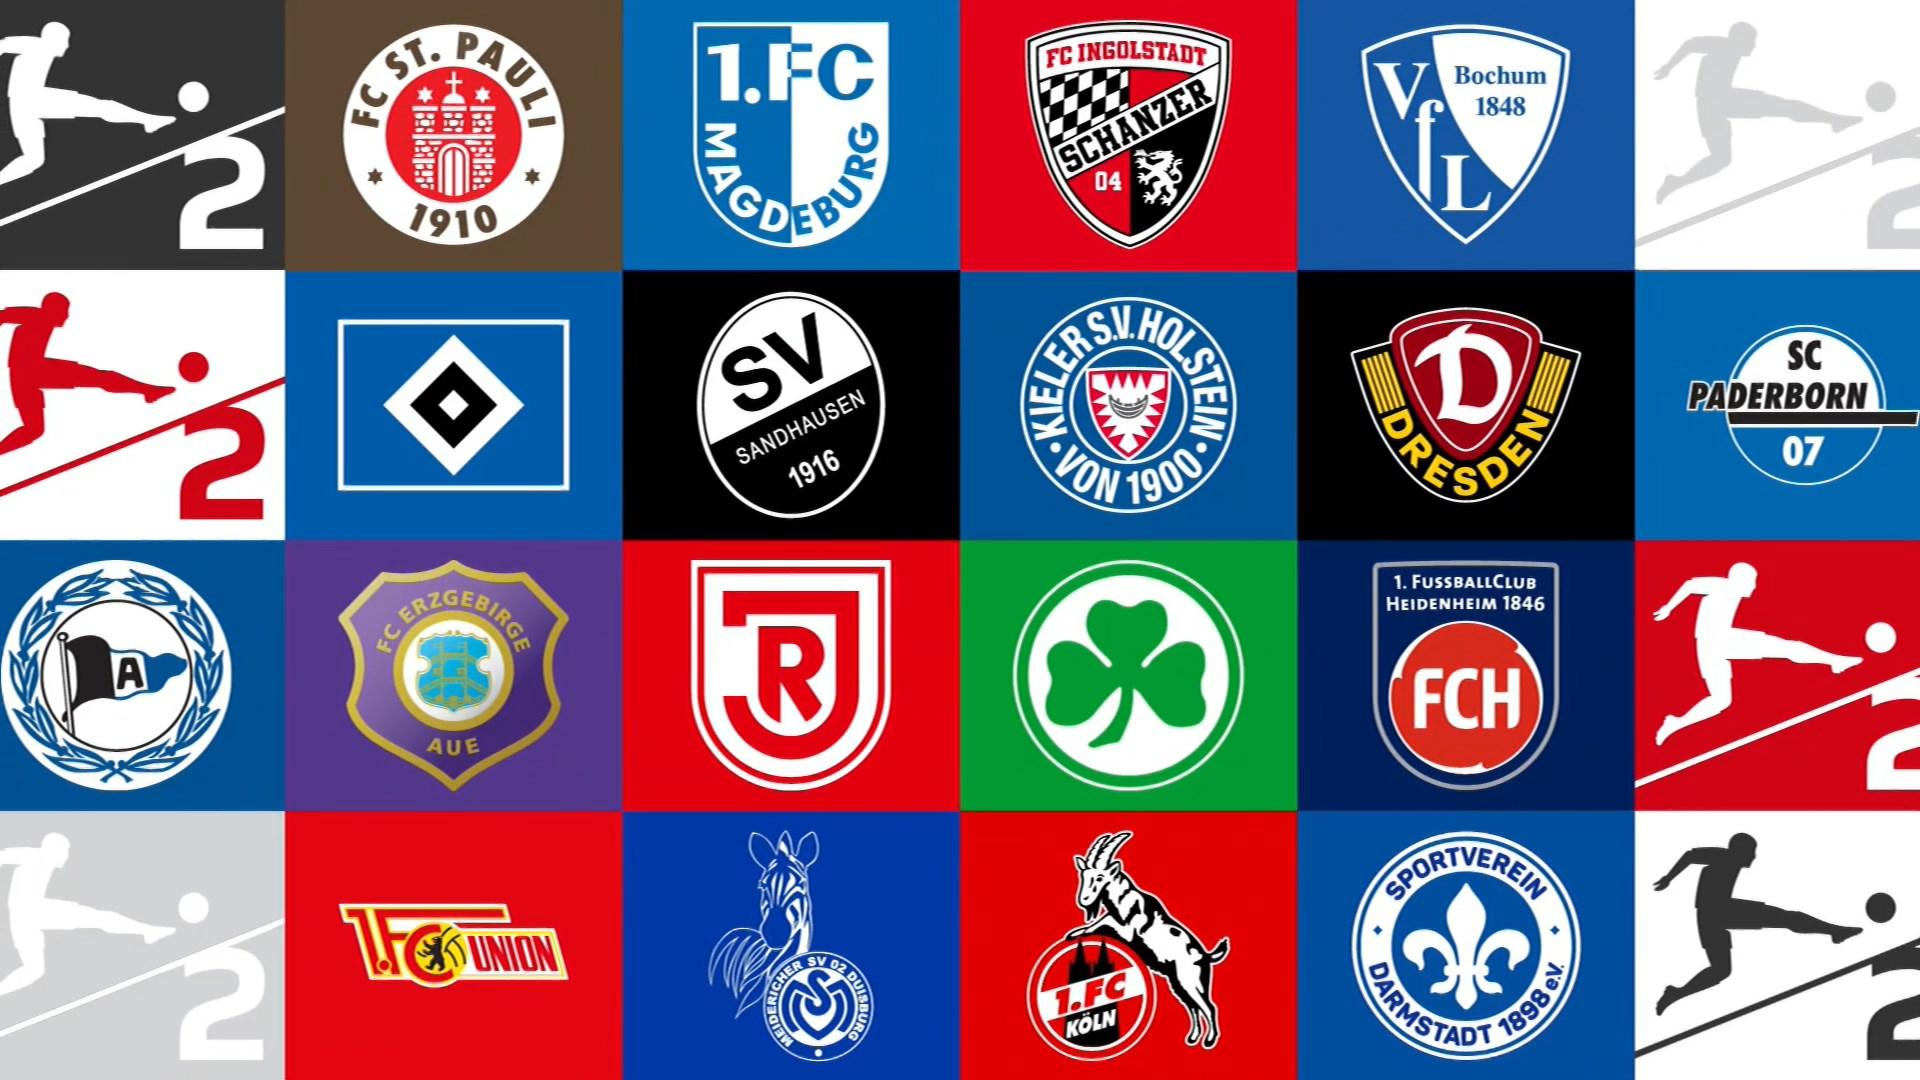 futbol 2 bundesliga 18 19 matchday 23 kompakt 24 02 2019 futbol 2 bundesliga 18 19 matchday